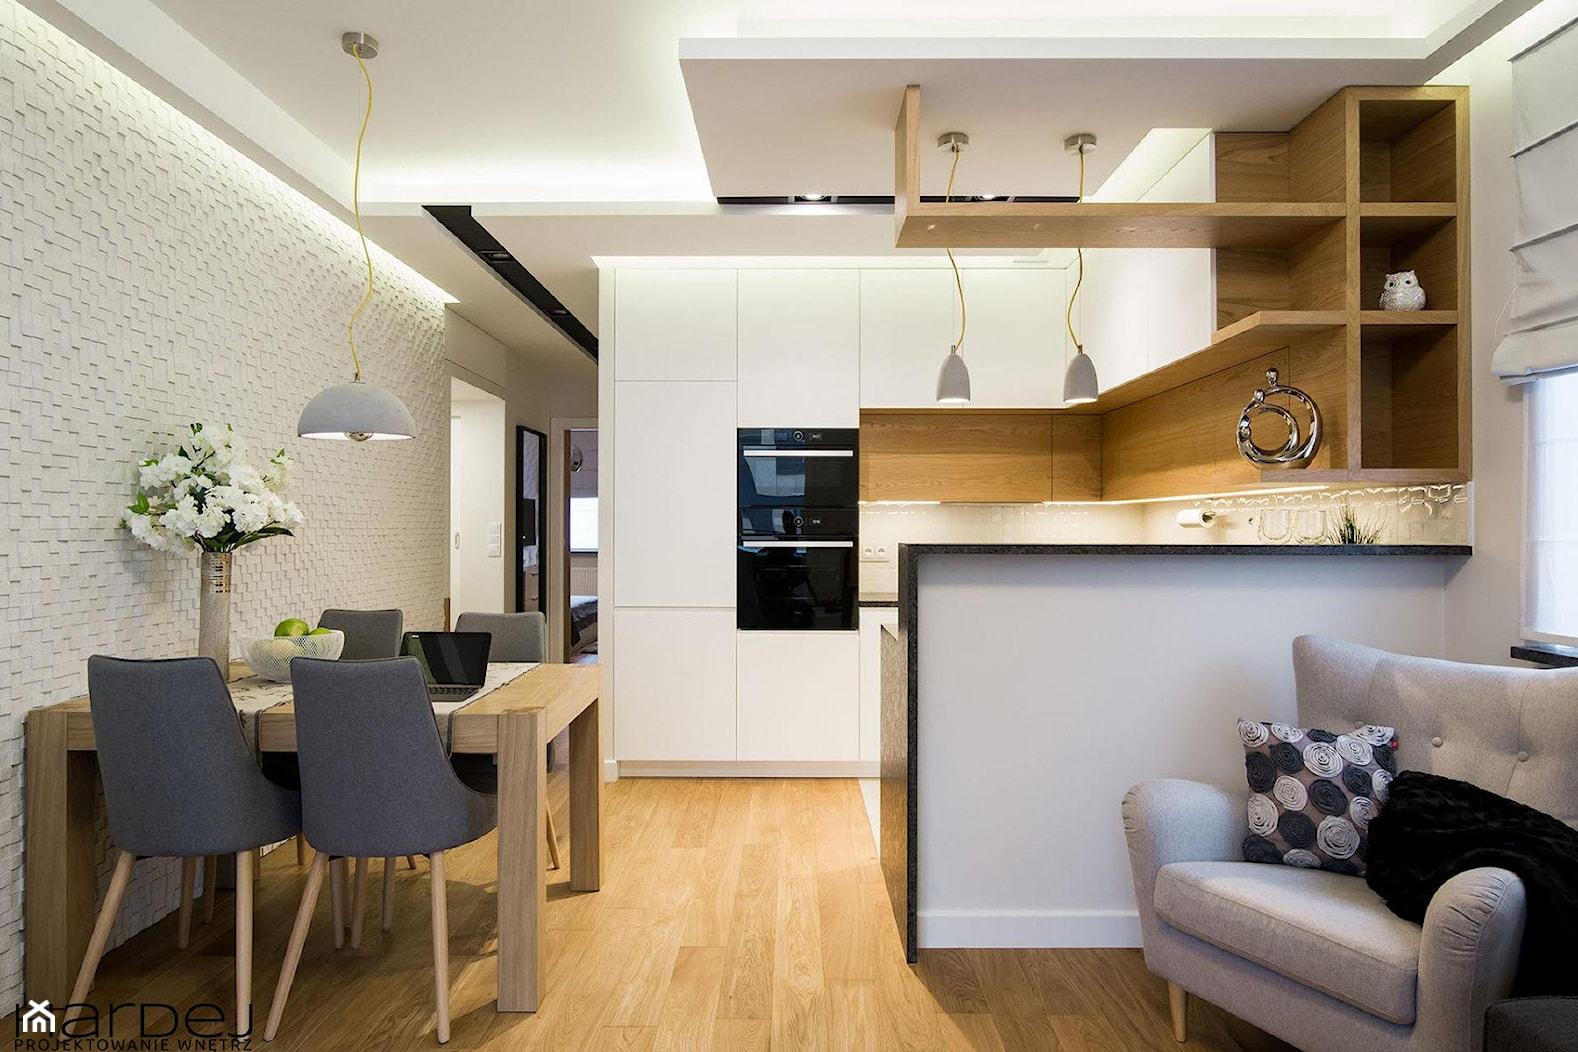 inspiracja drewnem - Mały szary biały salon z kuchnią z jadalnią, styl skandynawski - zdjęcie od Monika Hardej Architekt - Homebook